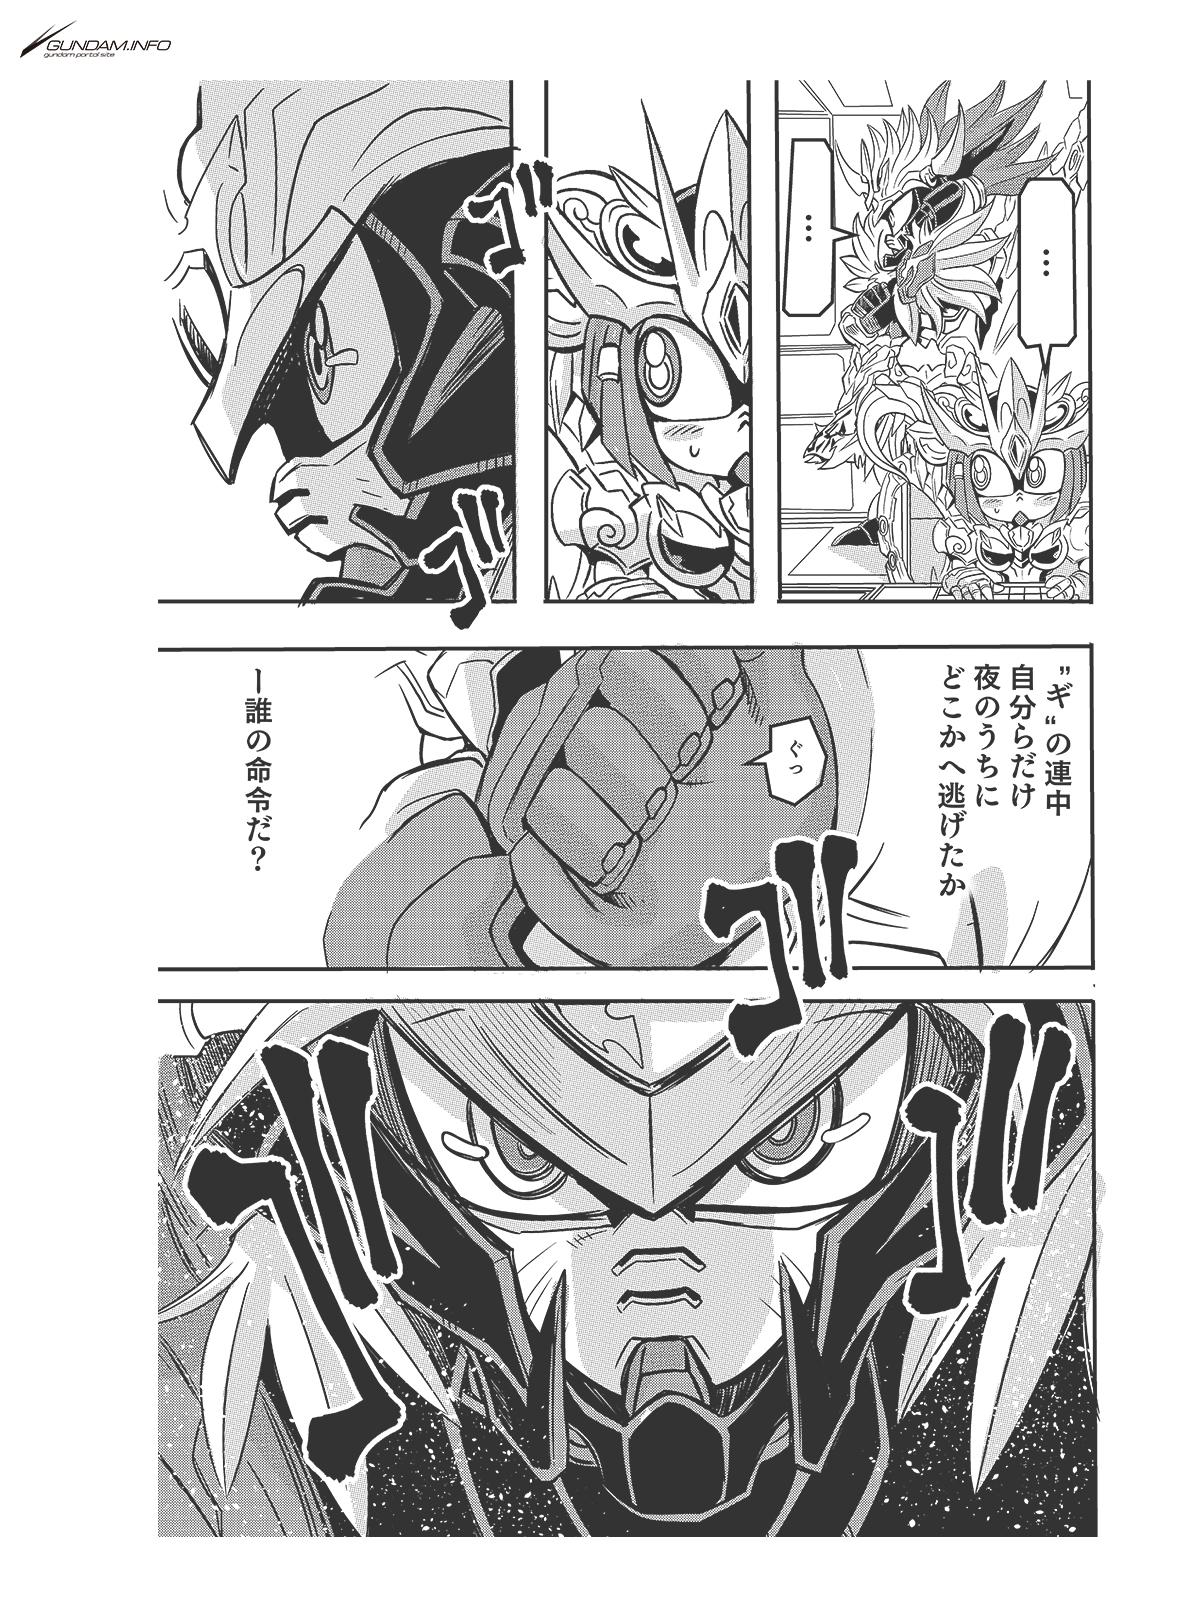 SDガンダムワールド 三国創傑伝 焔虎譚 第8話 P15